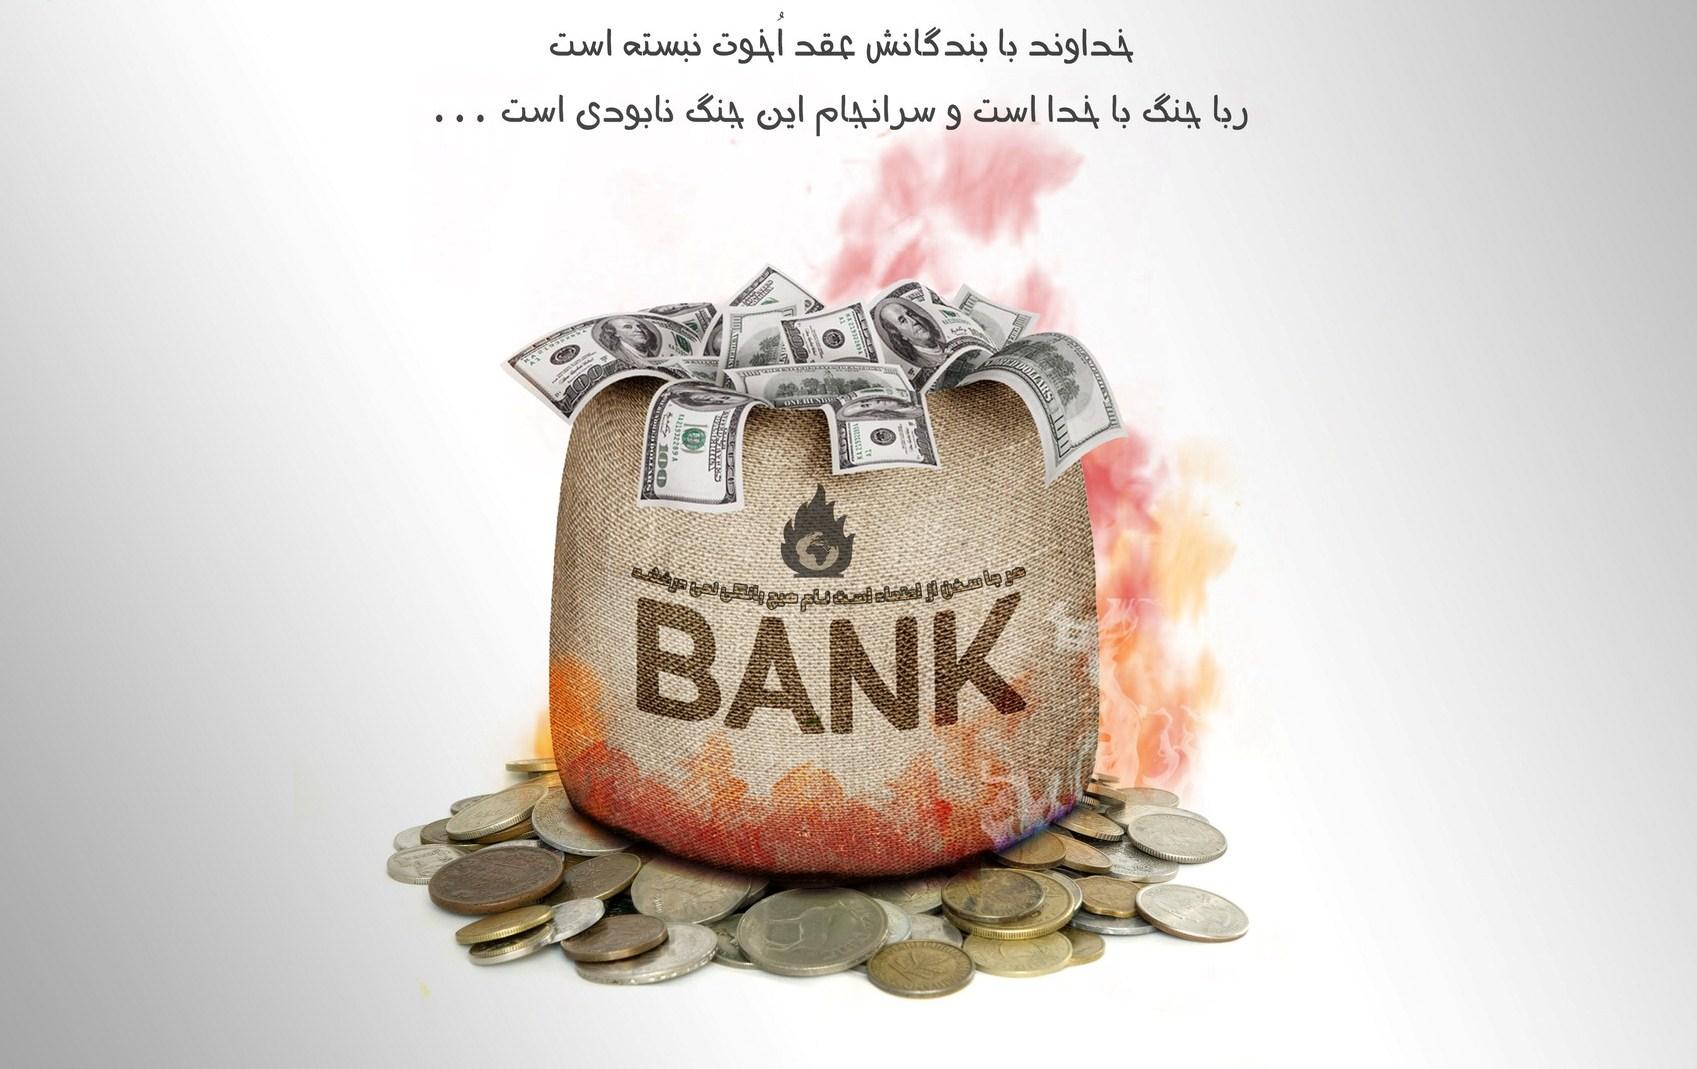 مراجع محترم تقلید! مقابله با رباخواری بانکها نیاز به فتوا دارد؛ نه توصیه!